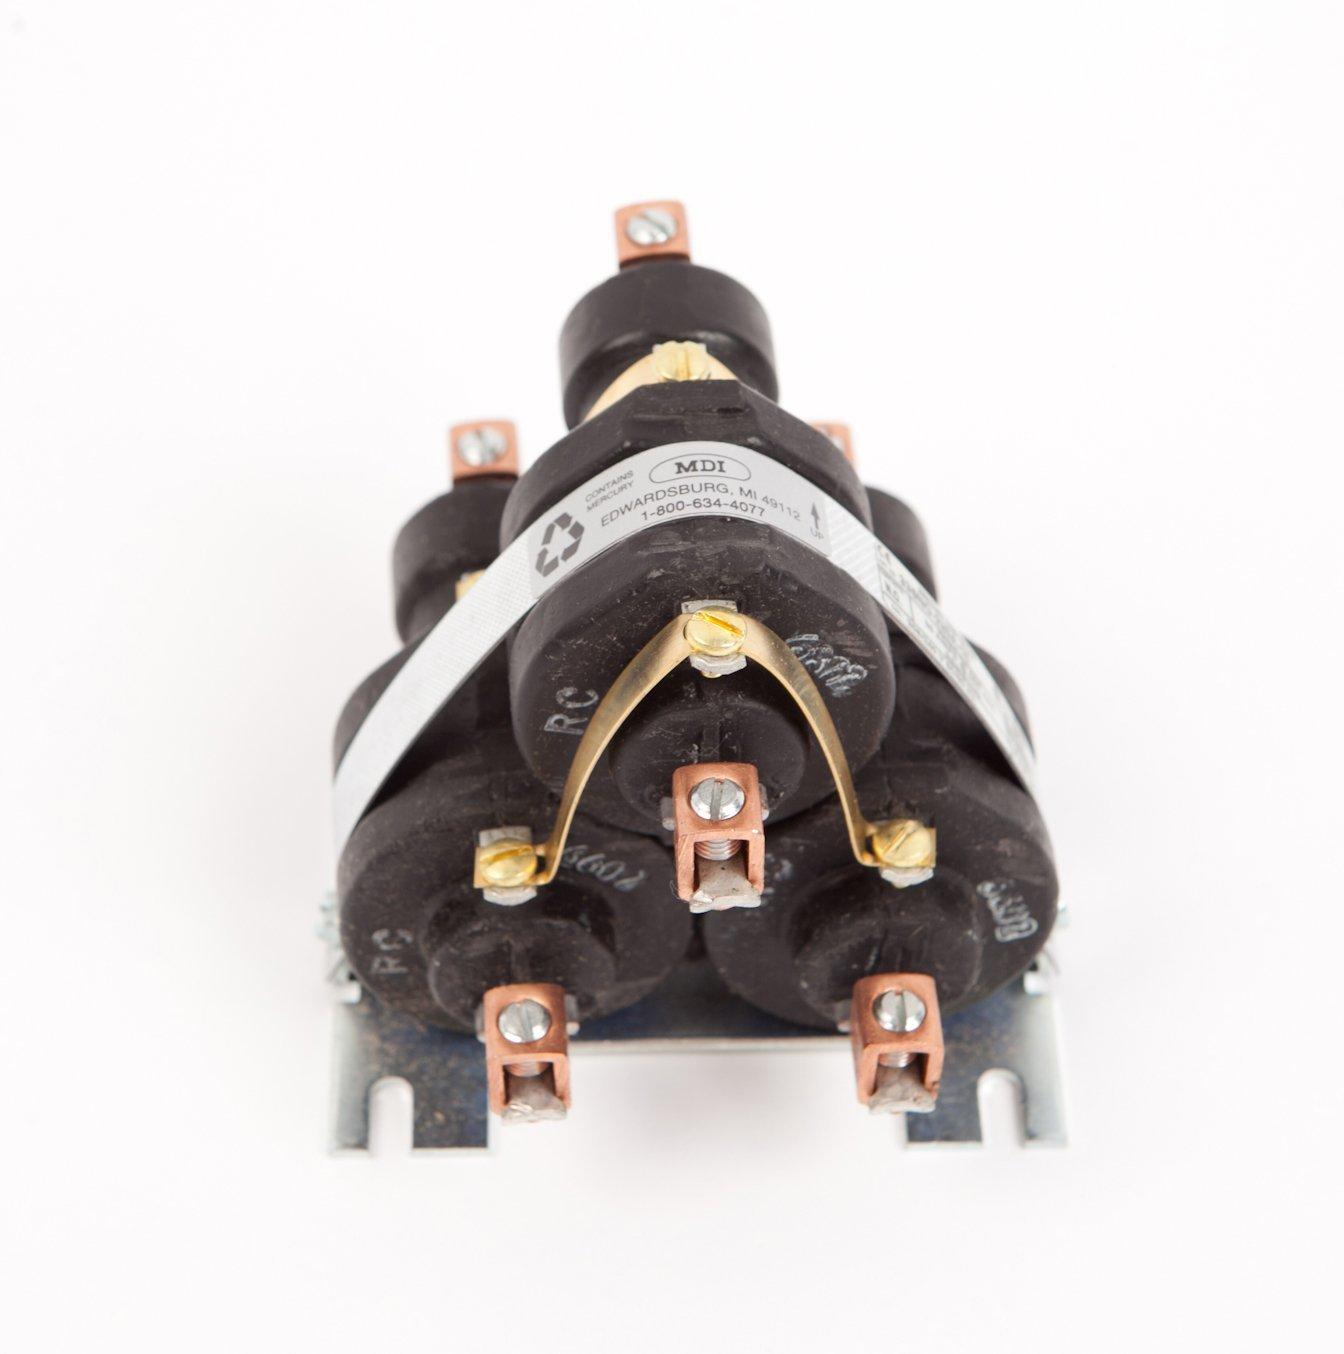 Henny Penny 29942 Mercury Contactor 208/240 -volt Alternating Current